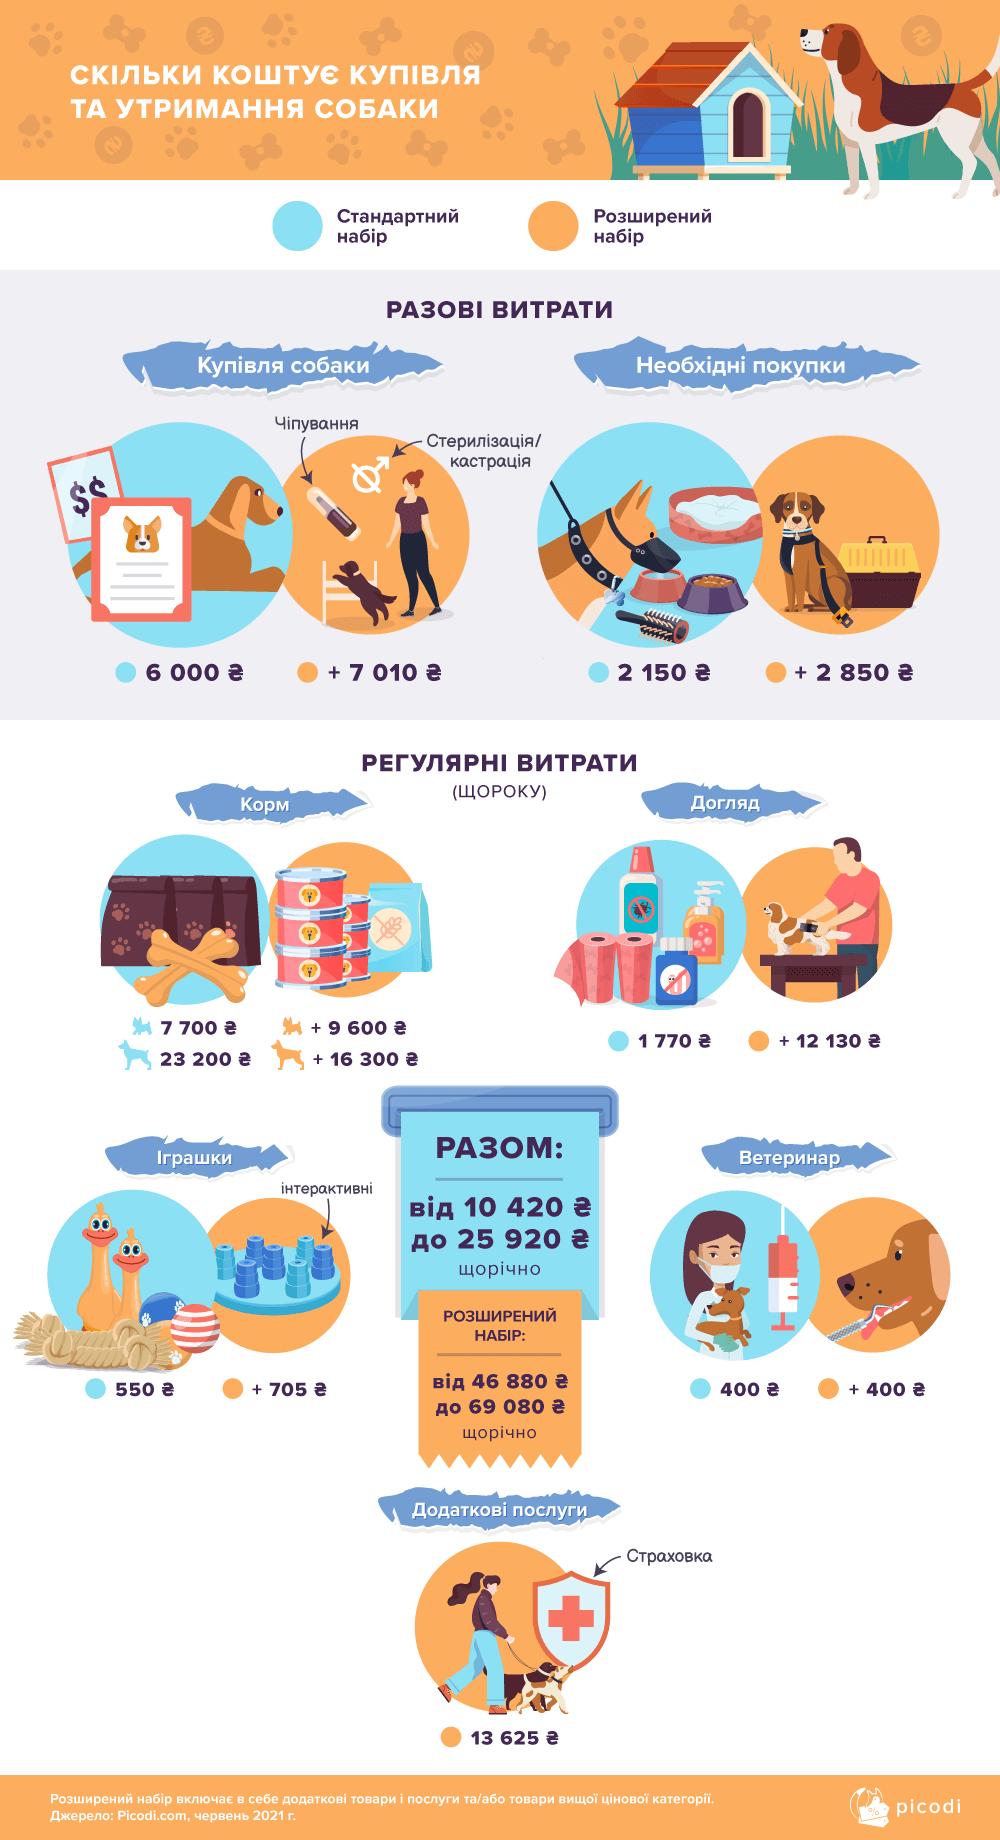 покупка і утримання собаки та кота